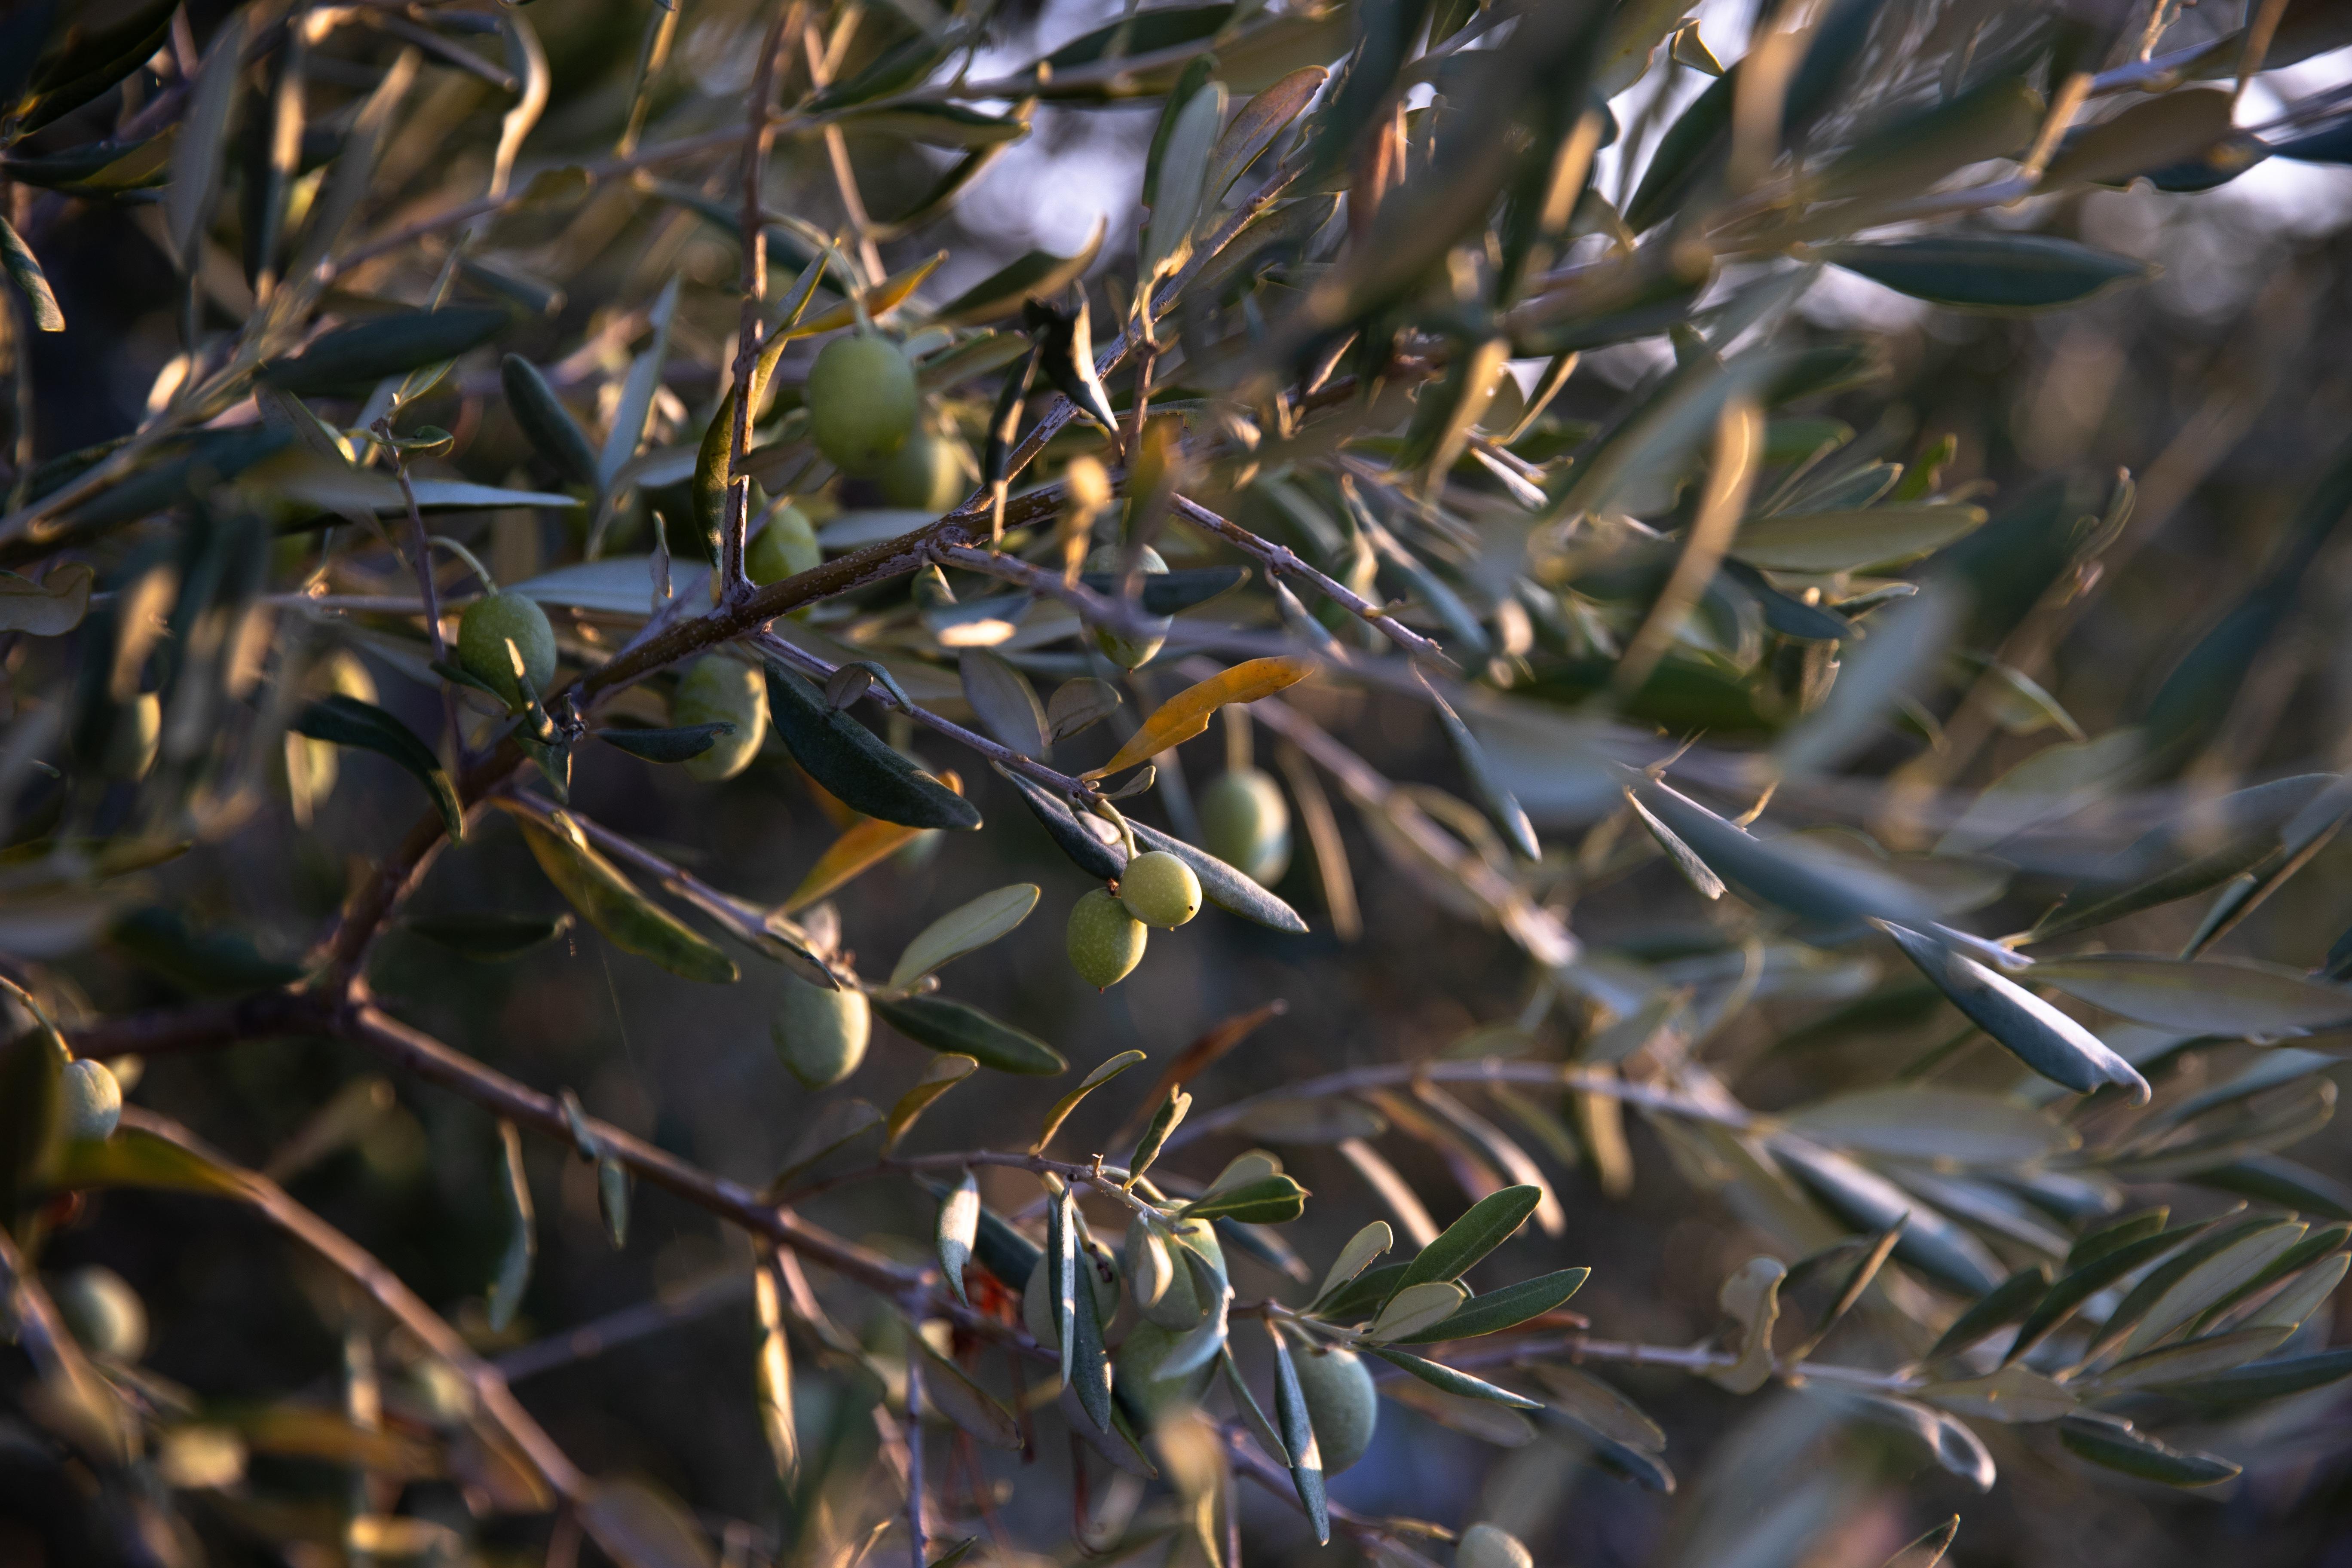 Les oliviers - olive trees